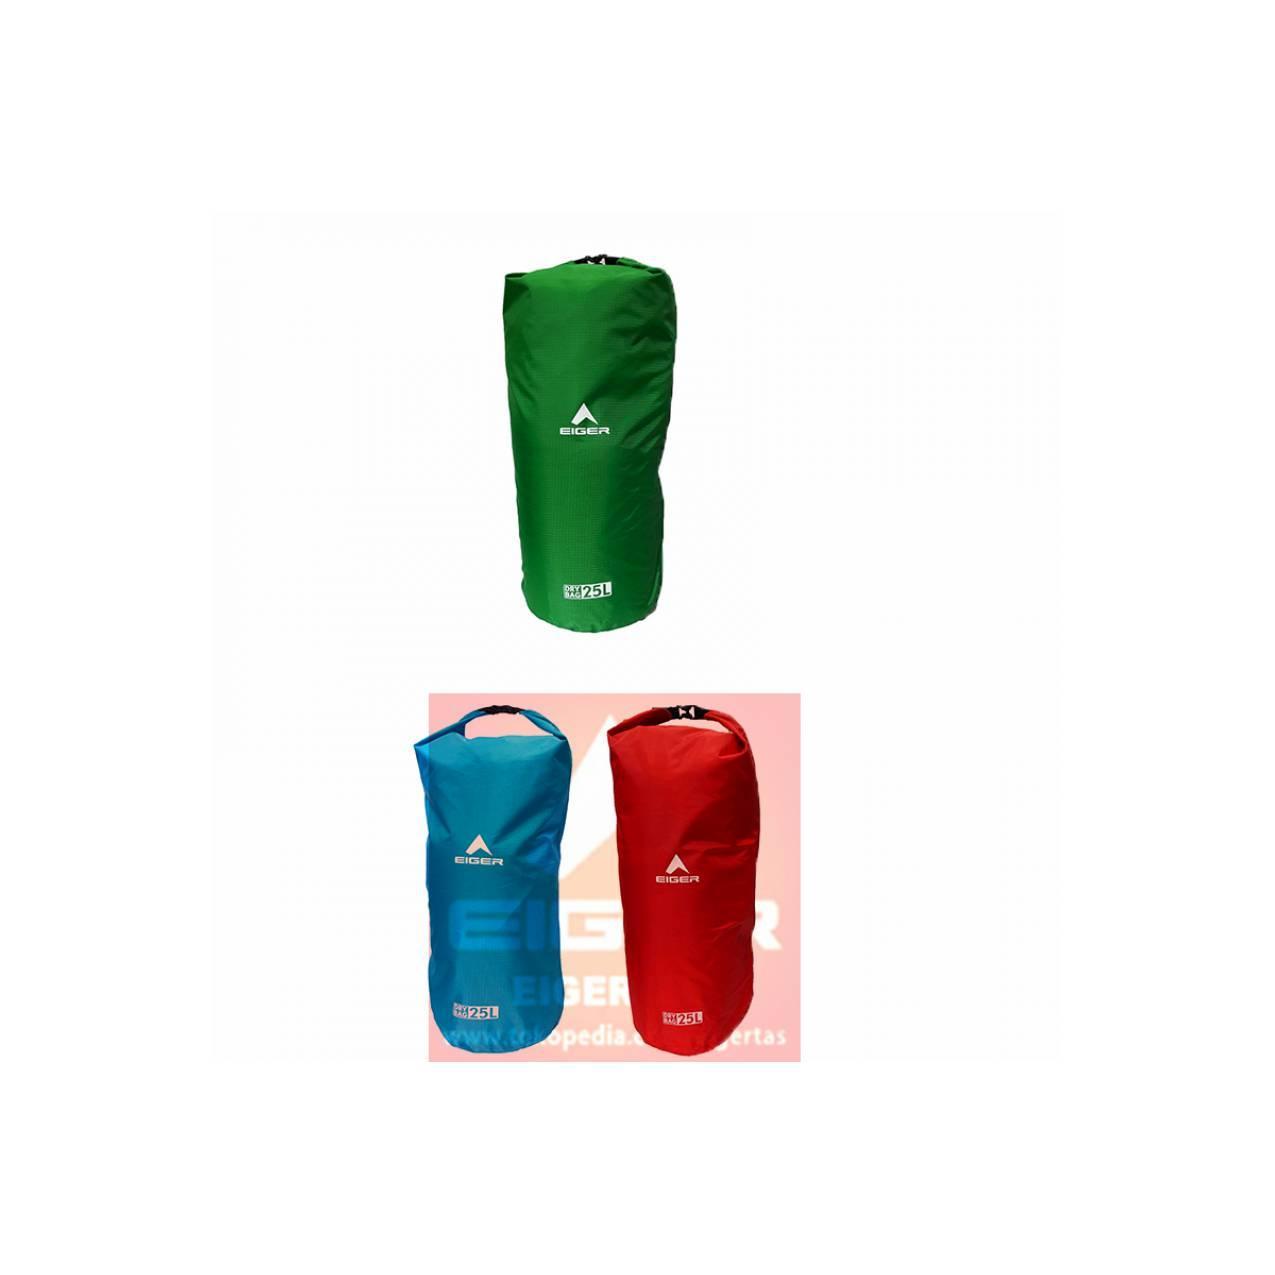 DRY BAG EIGER 25 L ART 910003451 WATERPROOF - TAS SIMPLE